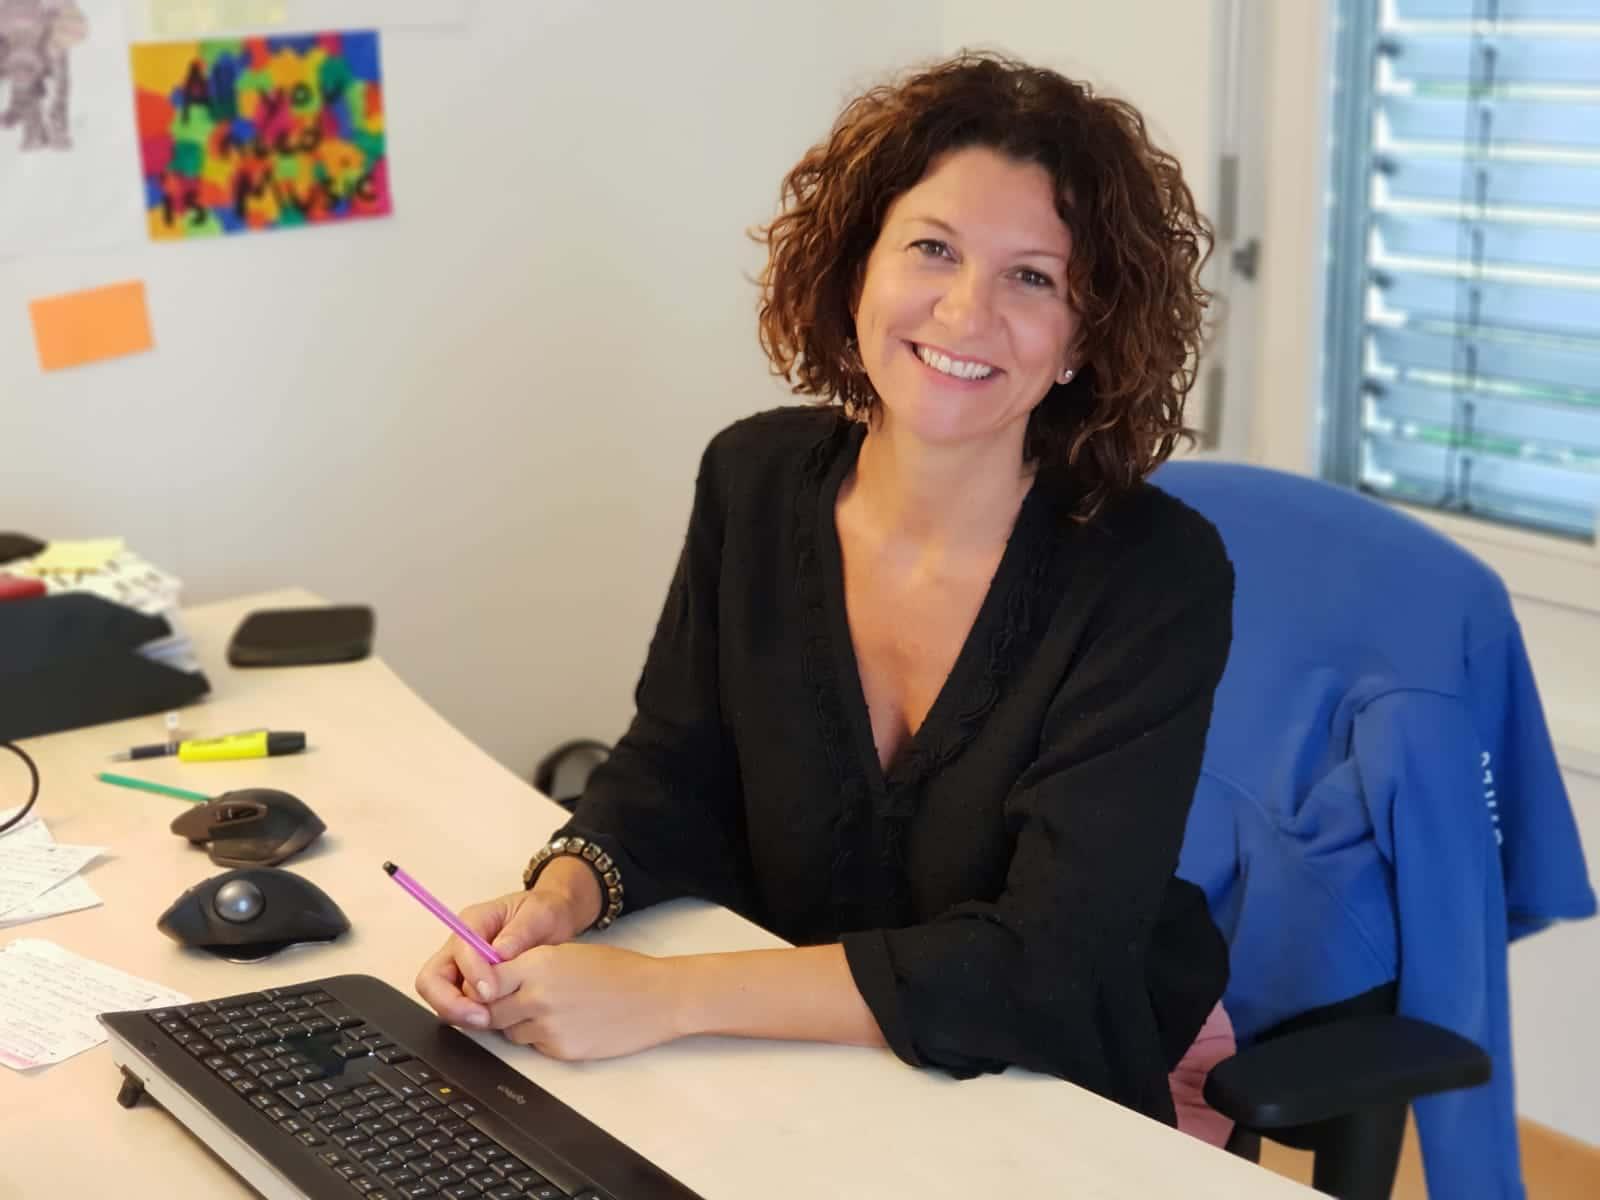 Dr. Monique Calisti Martel Innovate